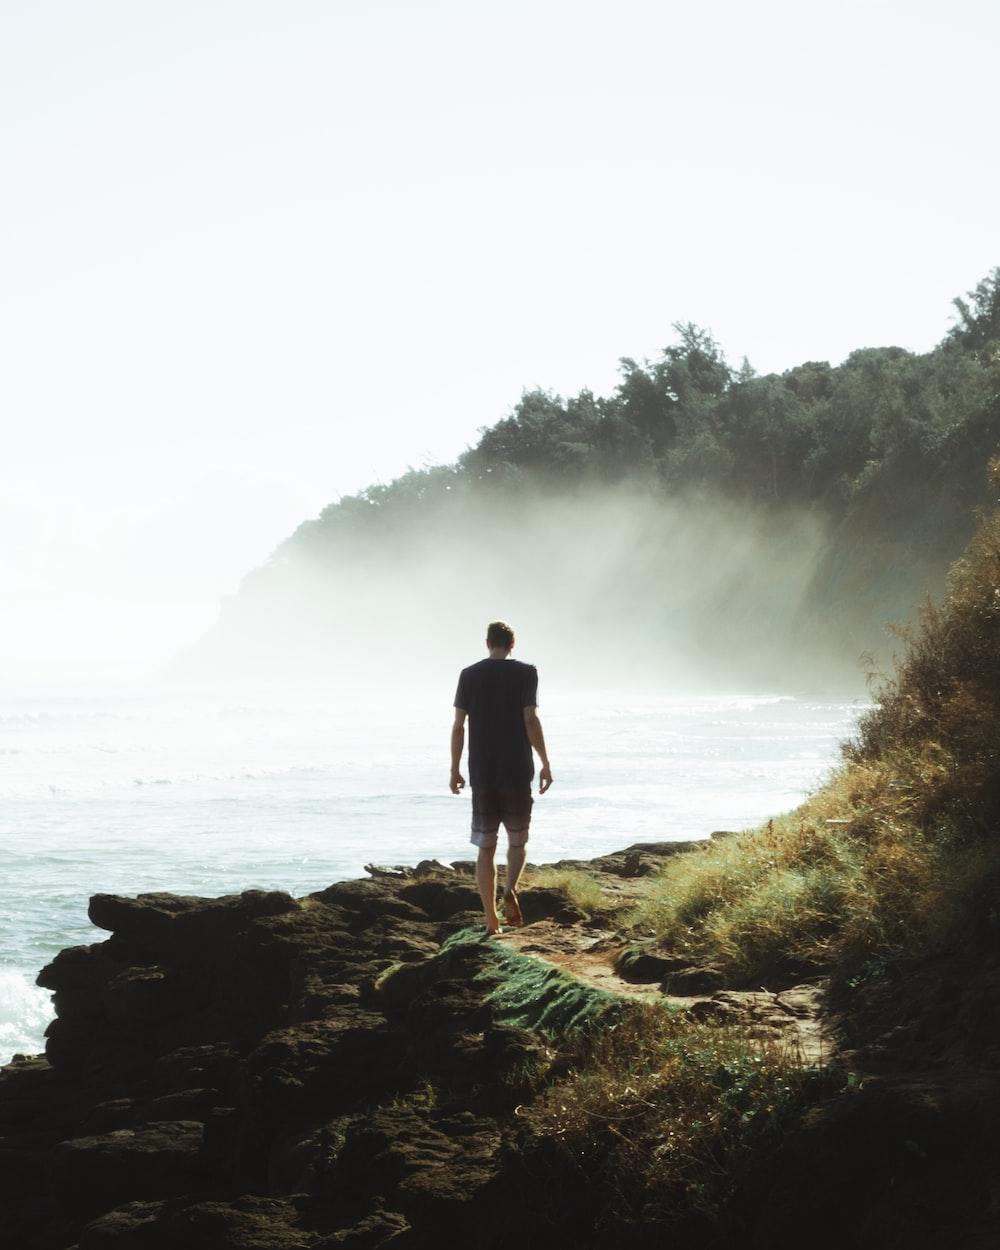 man in black walking on a seaside cliff